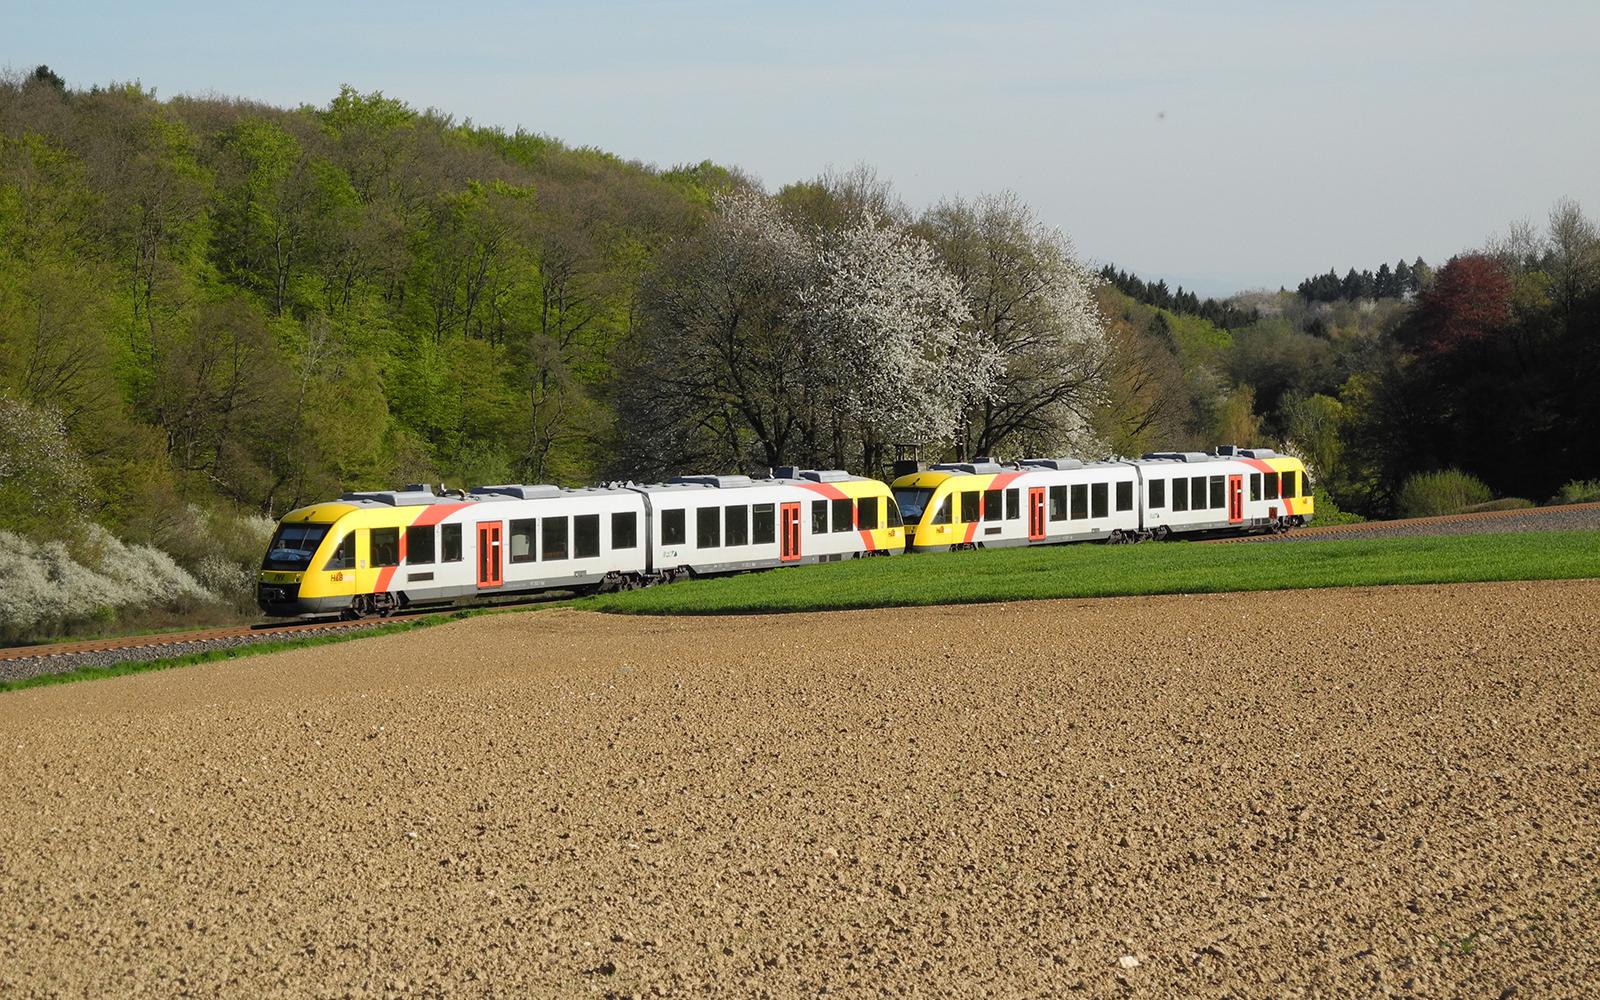 Foto: An einem der heißesten Tagen 2016, musste ein Zug der Taunusbahn auf der Fahrt von Königstein nach Grävenwiesbach, auf Grund einer Weichenstörung, in Frankfurt auf einen der Außenbahnsteige einfahren und auf seine Fahrgäste warten. Robust und zuverlässig, sind diese Triebwagen zwischen Frankfurt-Bad Homburg-Usingen-Grävenwiesbach-Brandoberndorf und zwischen Frankfurt-Kelkheim-Königstein. Die dieselelektrischen Triebwagen fahren mit Dieselmotoren der Baureihe 628 und haben eine Höchstgeschwindigkeit von 100 km/h. Text und Foto: railmen-Lokführer Jan Krehl